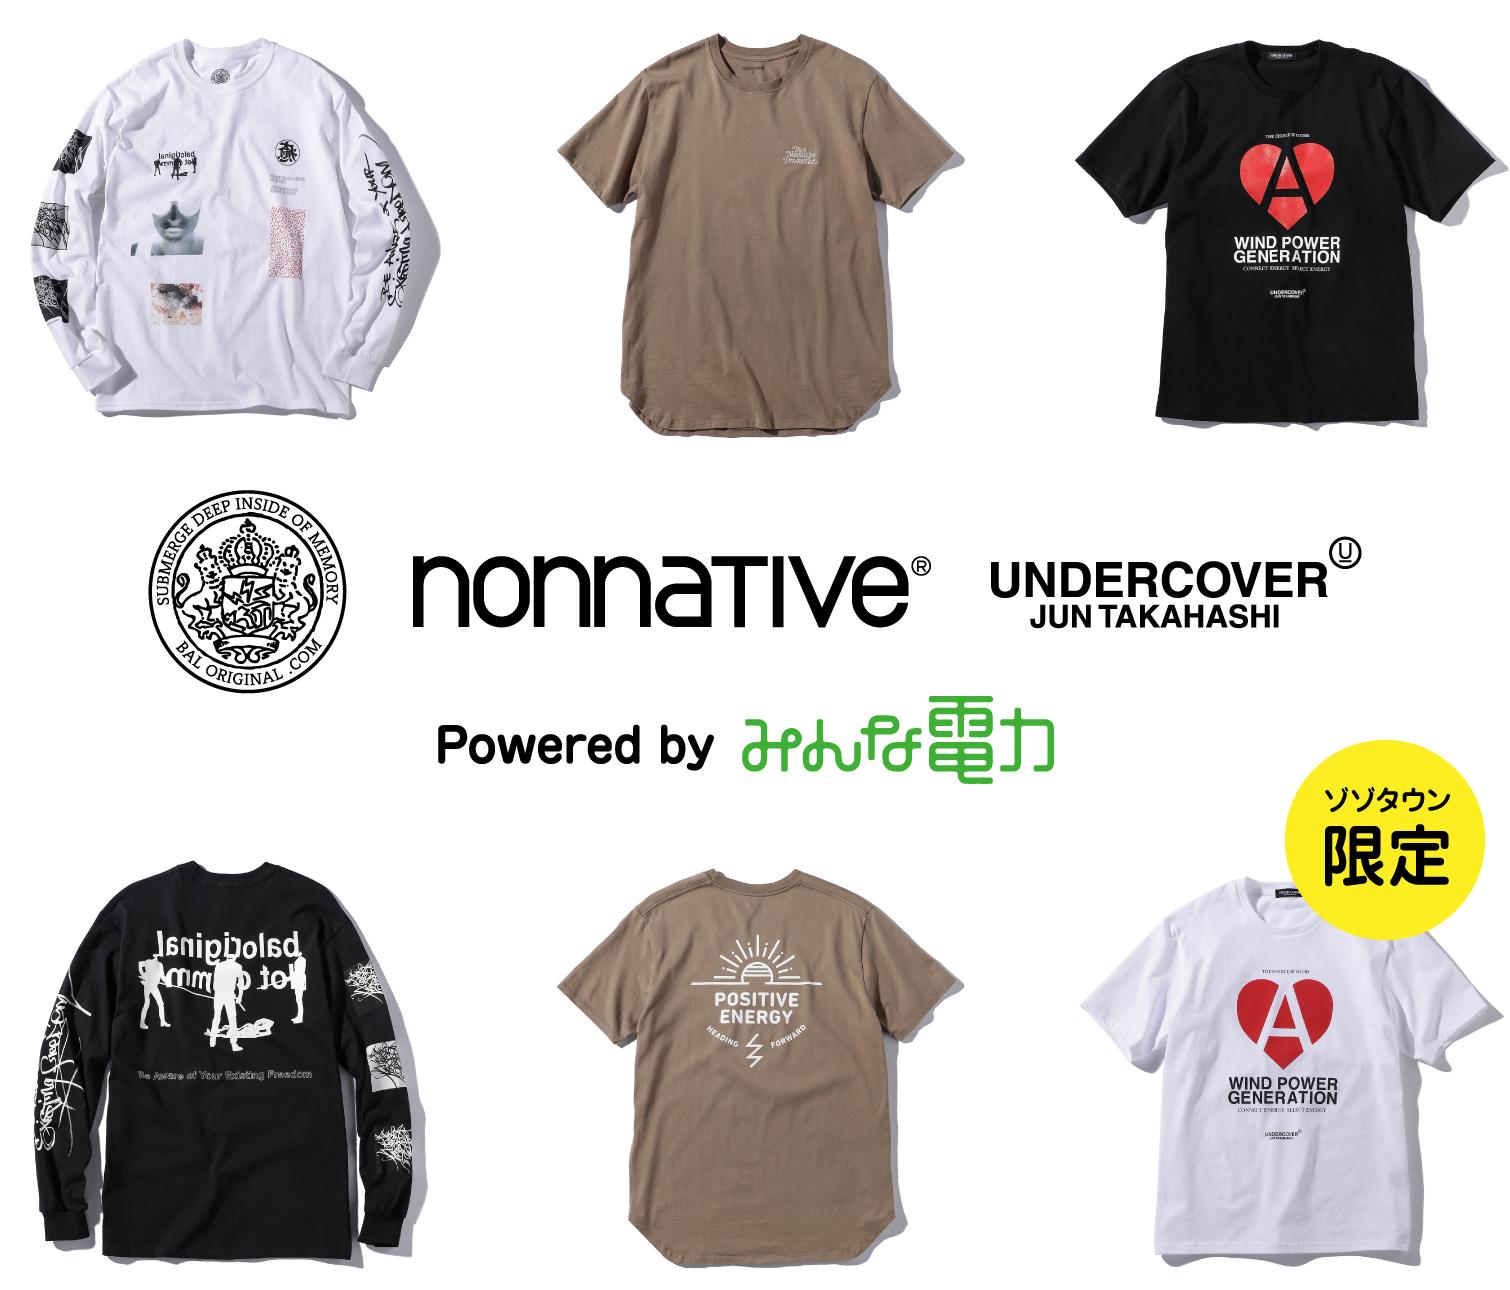 ゾゾタウン限定 BAL nonnative® UNDERCOVER Powered by みんな電力